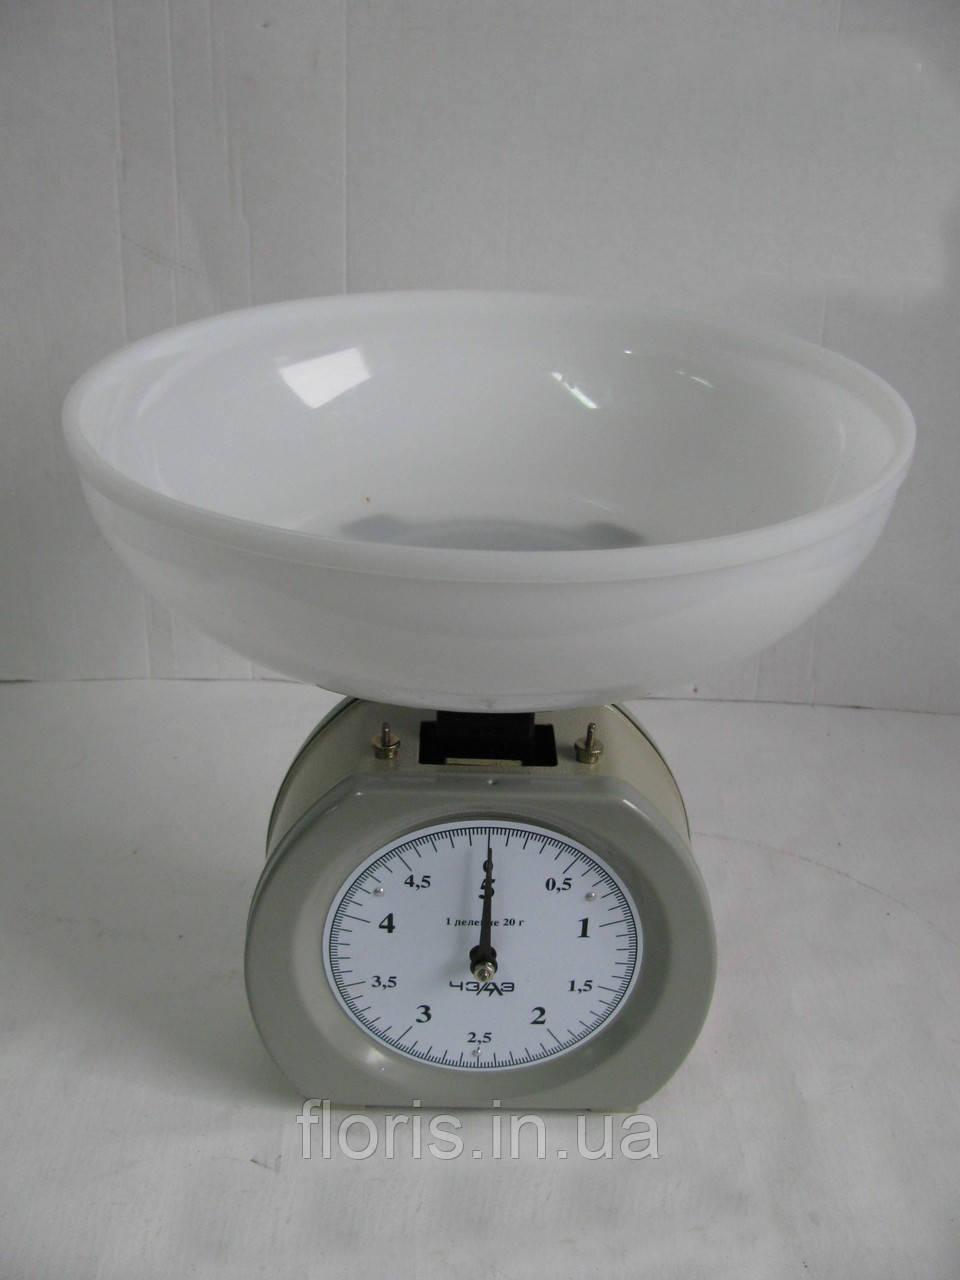 Весы настольные бытовые ВНБ-5 (Чебоксарские)